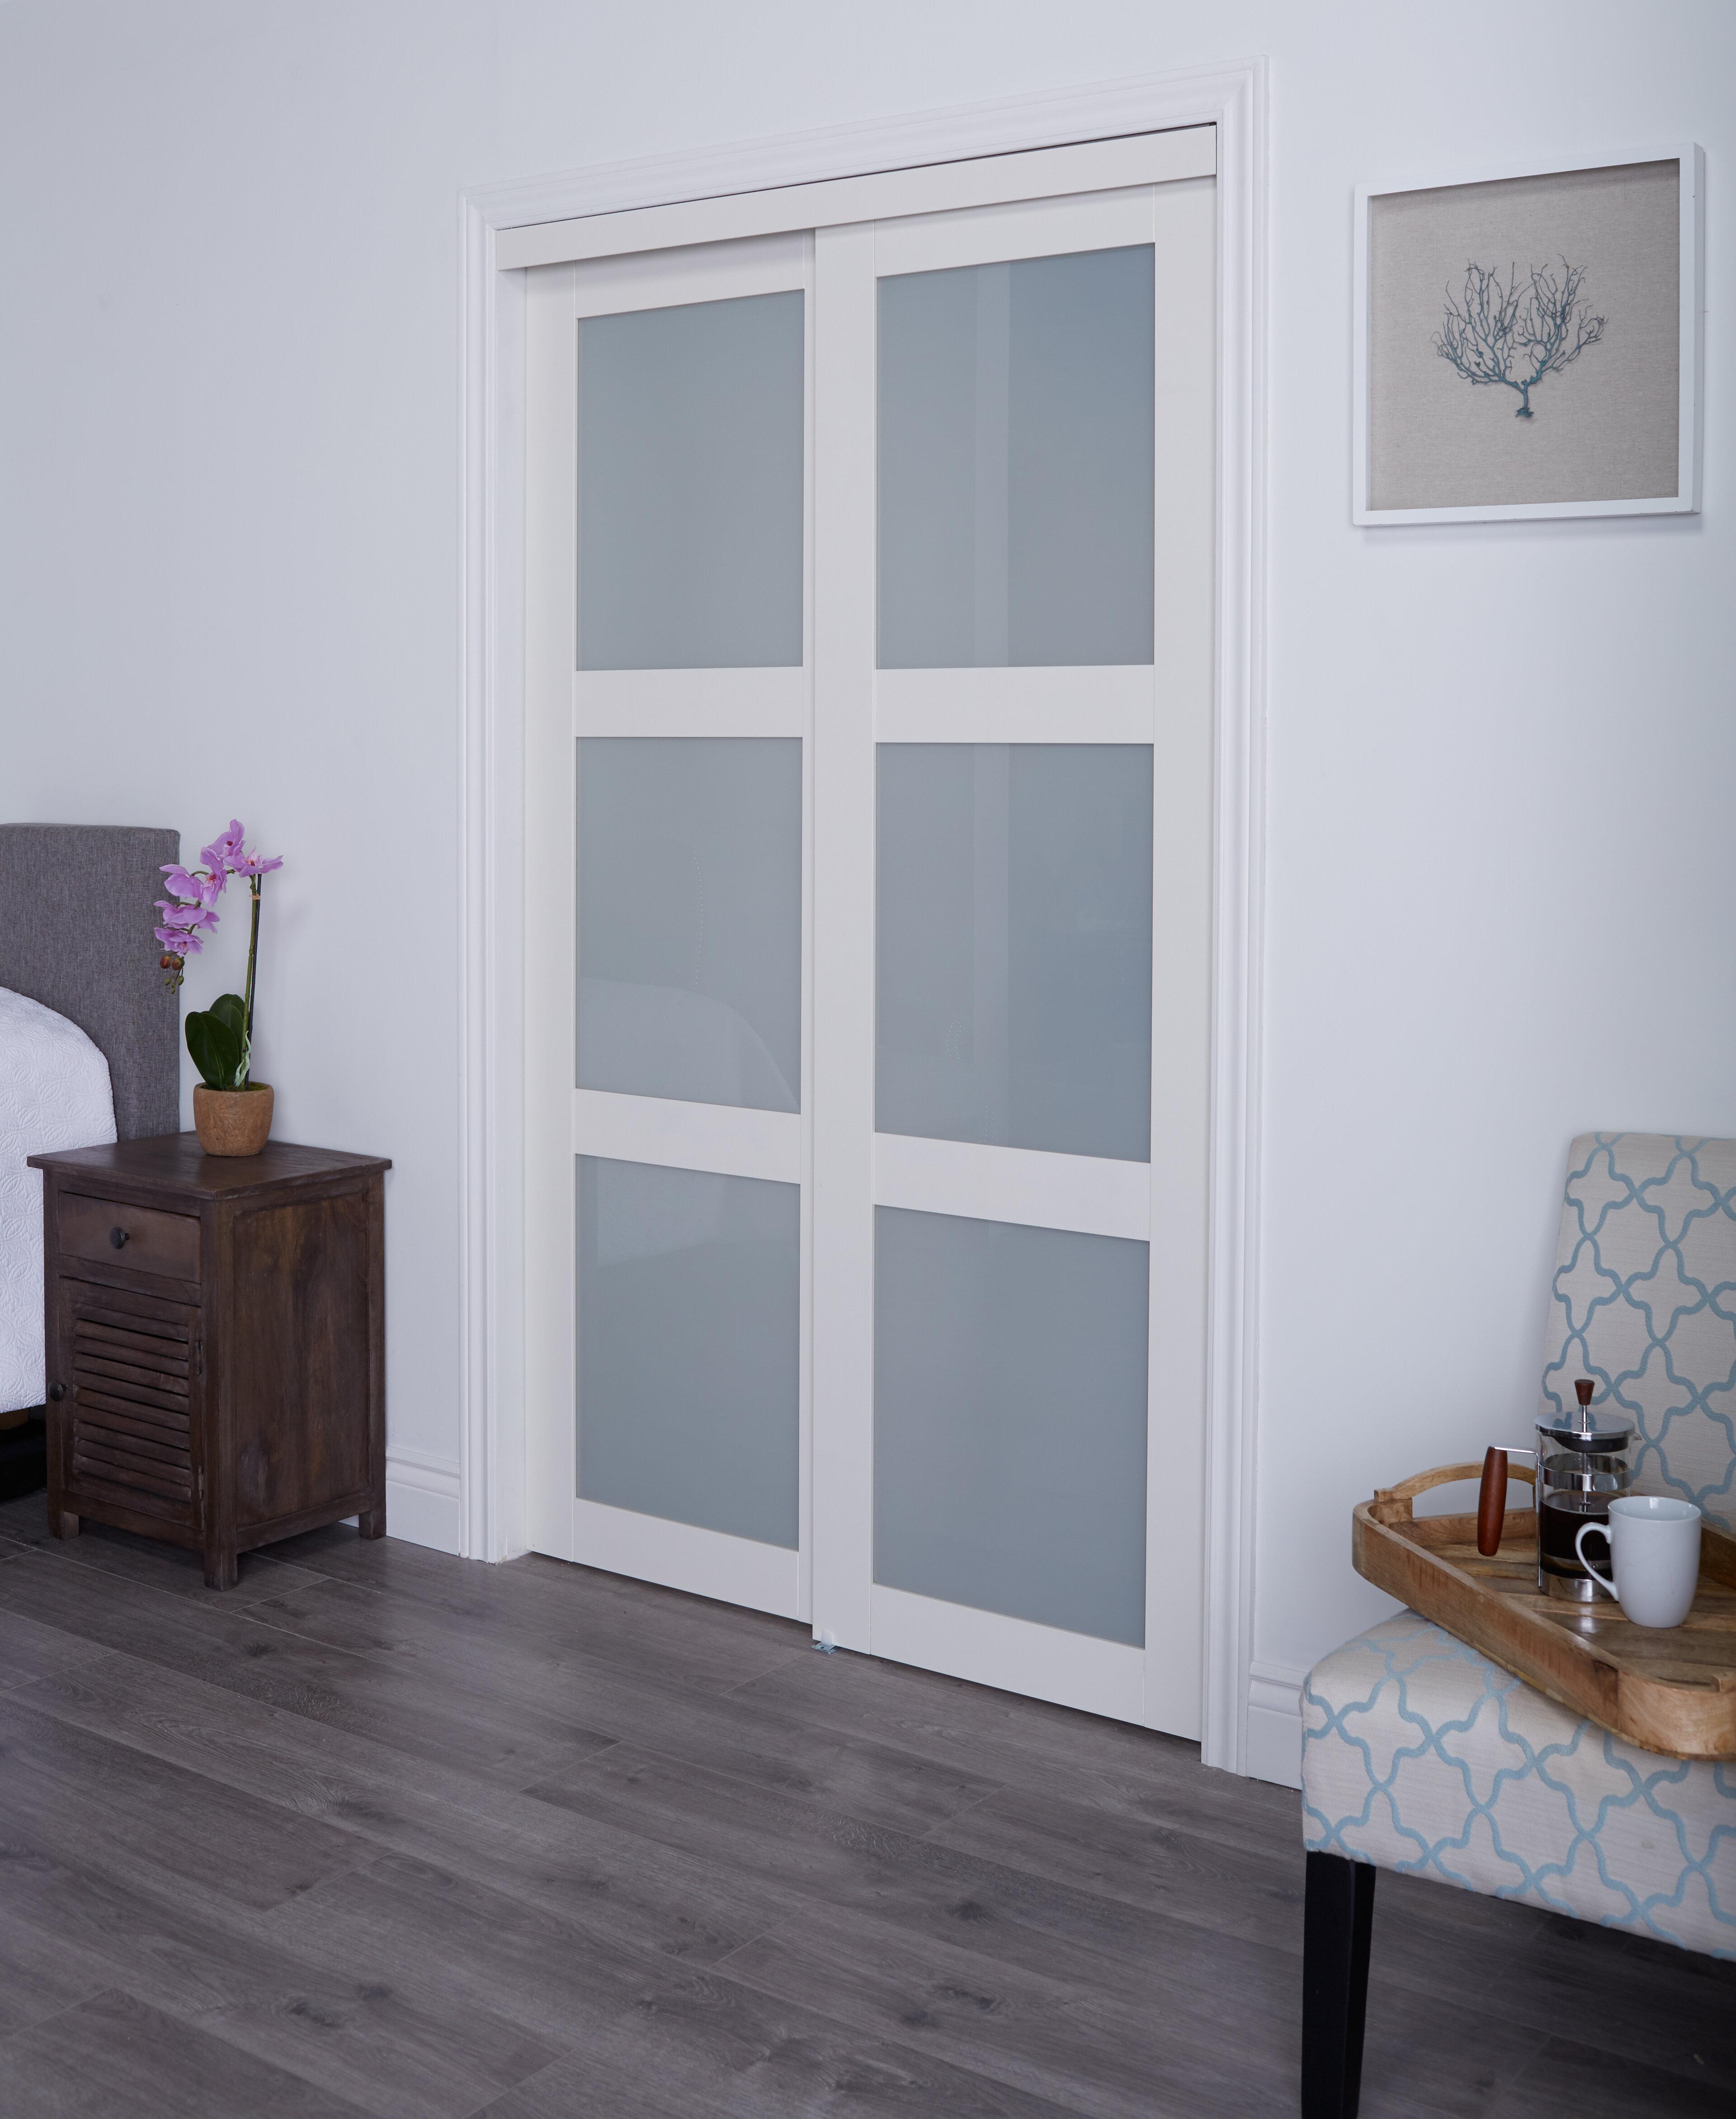 Erias Home Designs Baldarassario MDF 2 Panel Sliding Closet Door ...